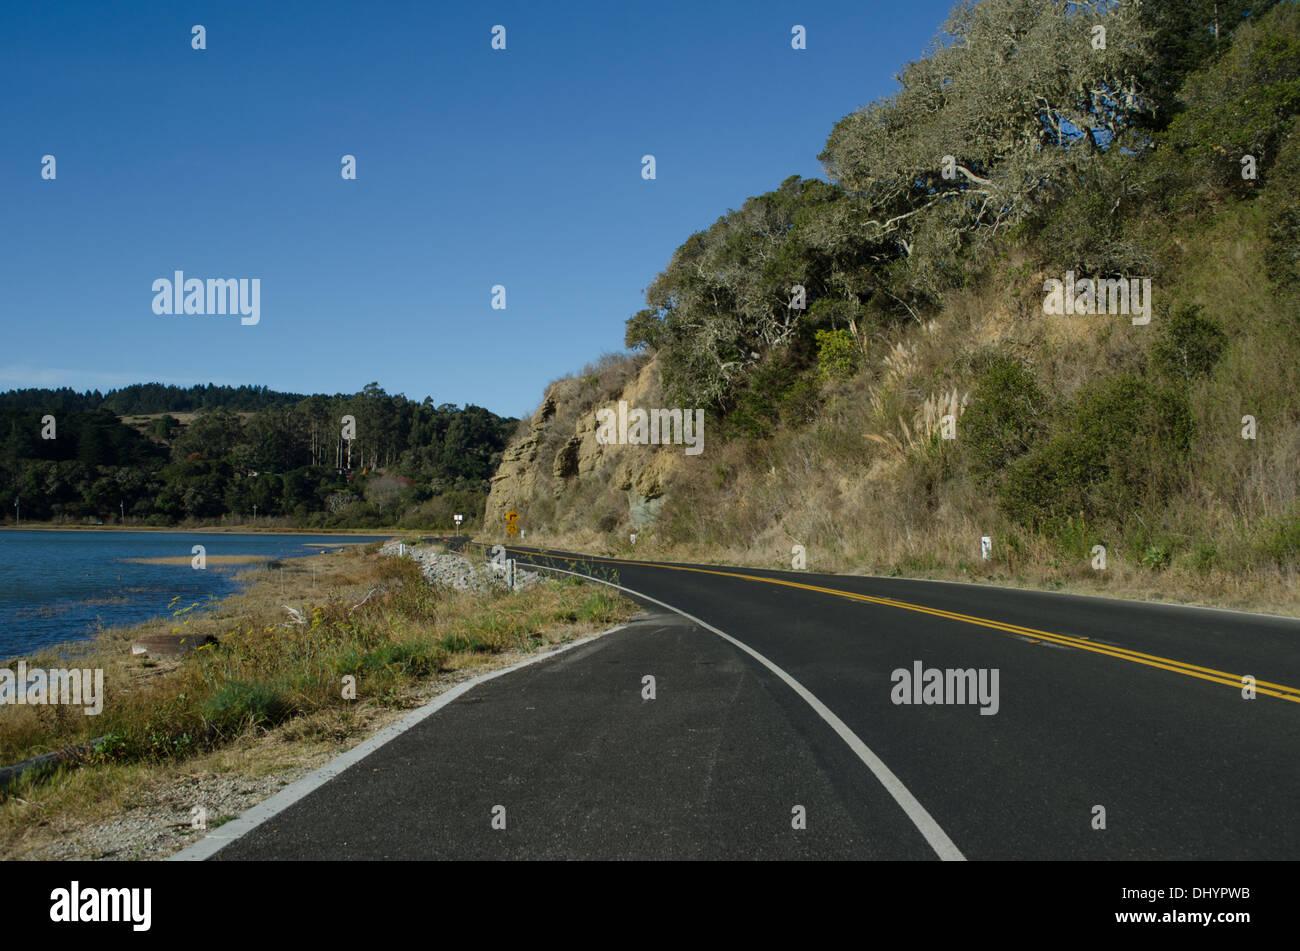 Highway 1 and Bolinas Lagoon, north of San Francisco - Stock Image